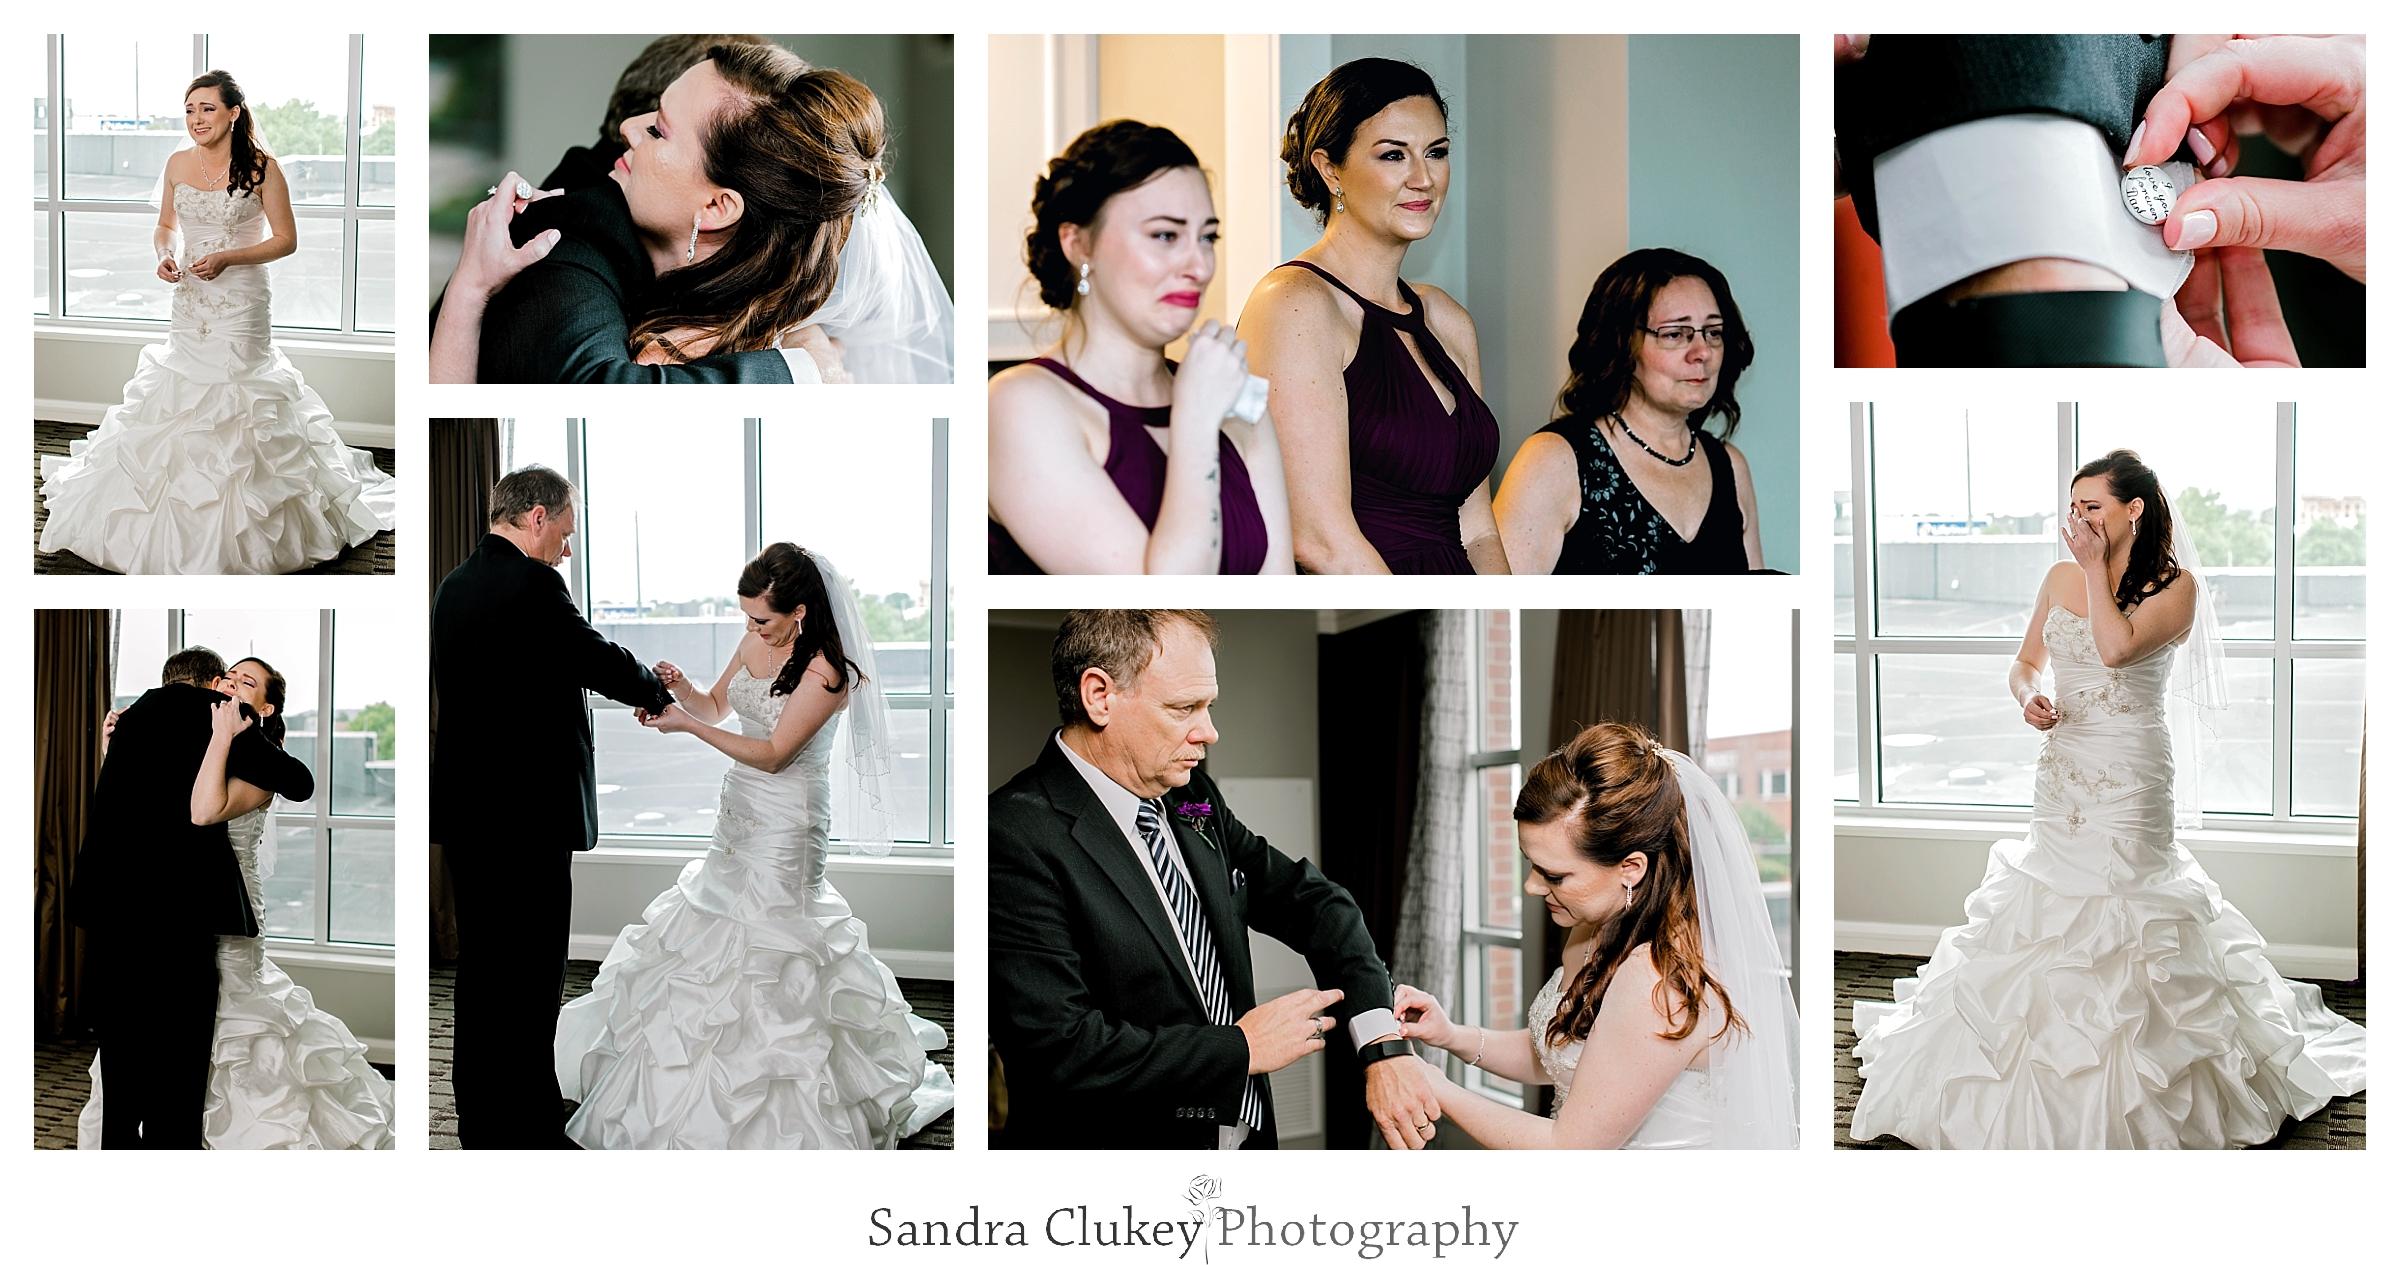 Sandra Clukey Photography_1836.jpg